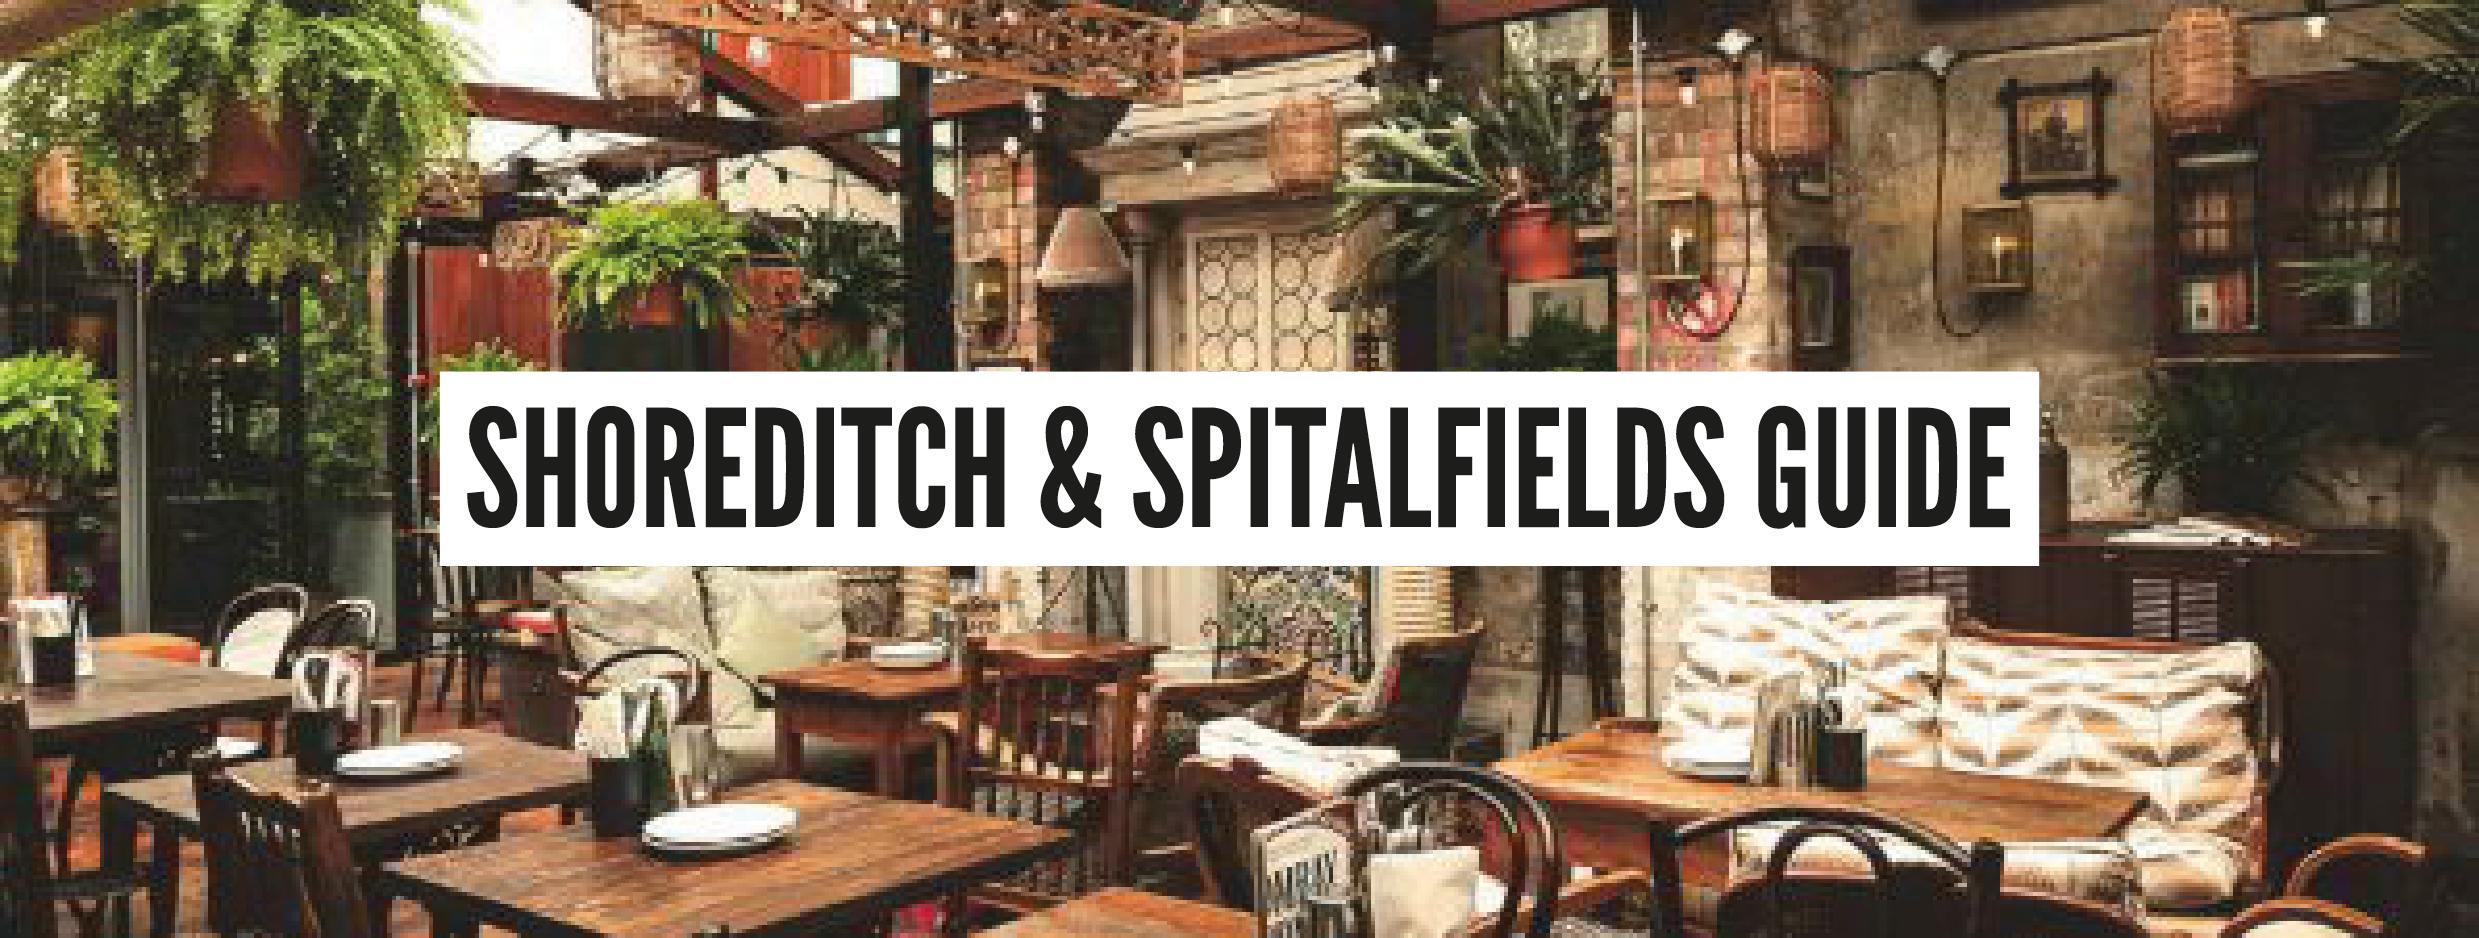 London Neighbourhood Guides - Shoreditch & Spitalfields